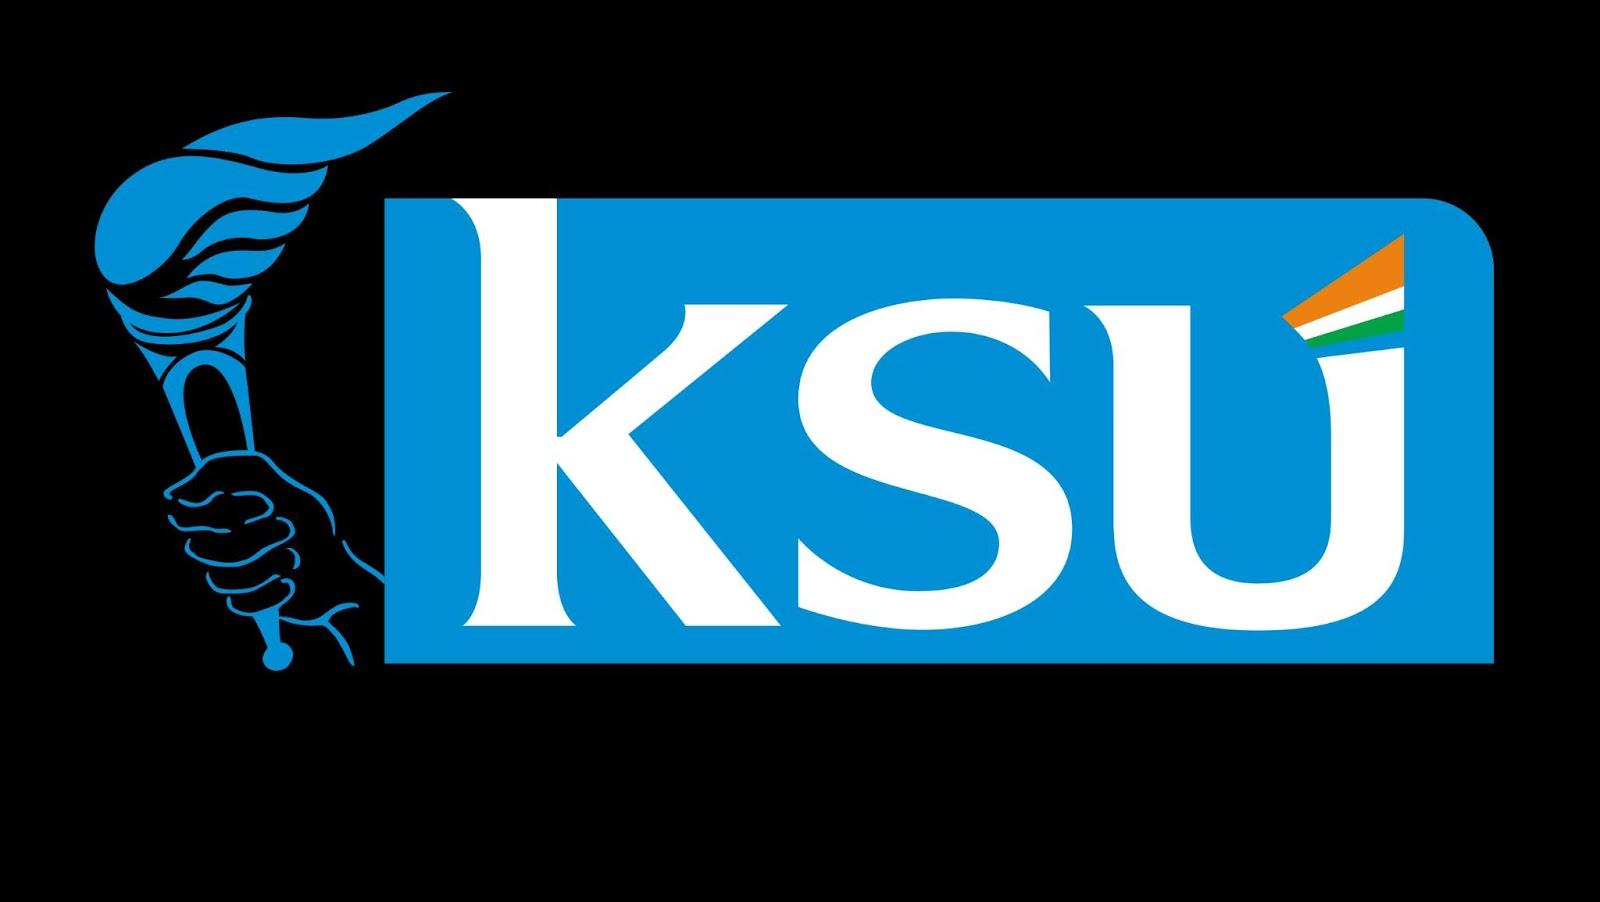 Hardworkers of KSU™: Logo of KSU.